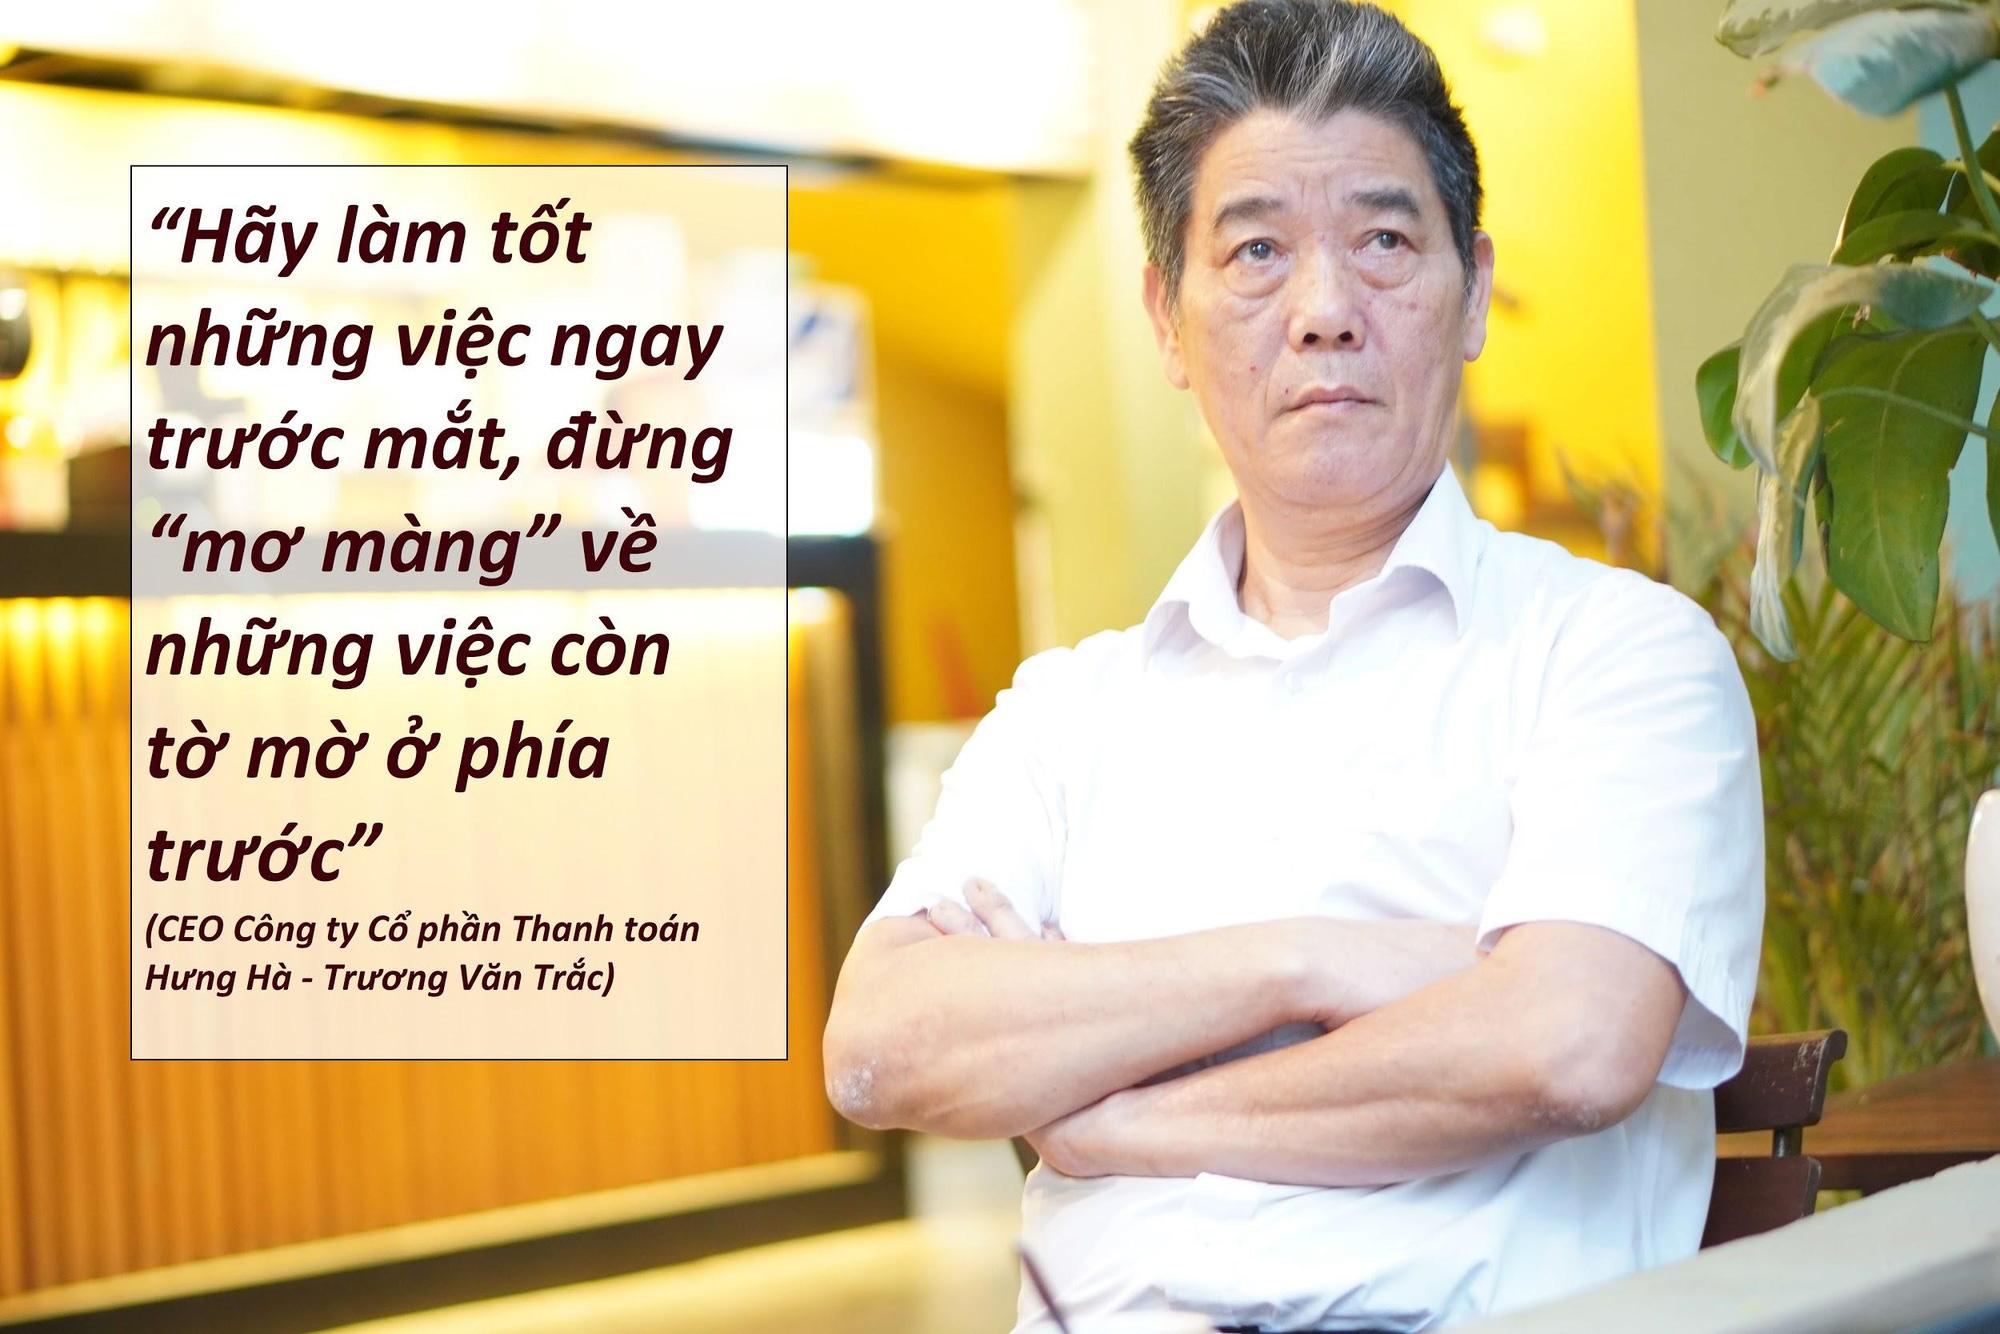 Cùng CEO Trương Văn Trắc khám phá Timviec365.vn - Ảnh 1.